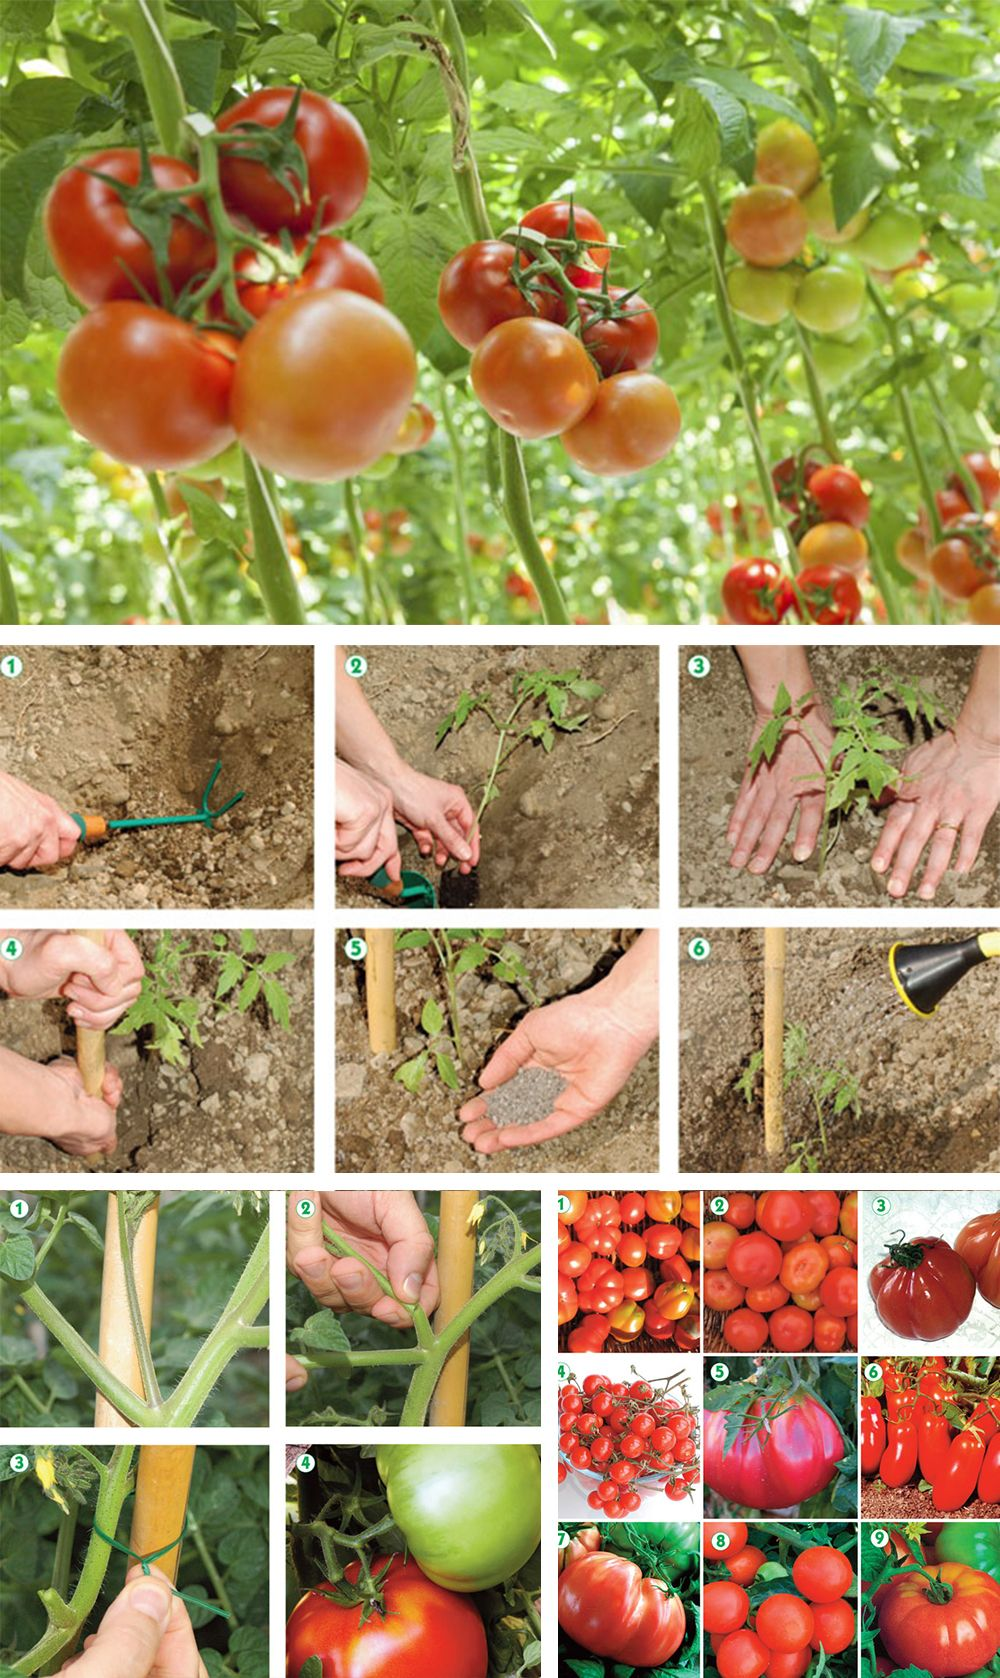 Come Coltivare Pomodori Sul Balcone coltivare pomodori | coltivare pomodori, coltivare verdure